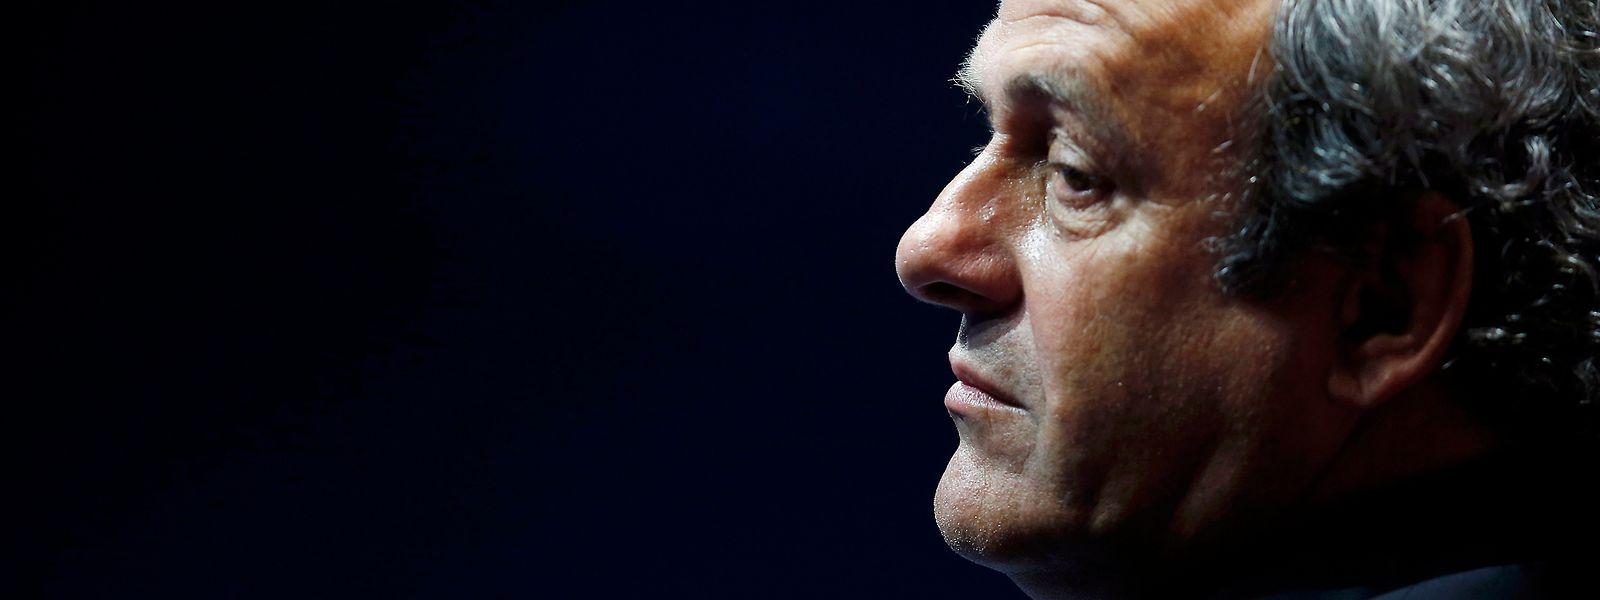 Michel Platini muss sich wegen Korruptionsvorwürfen verantworten.